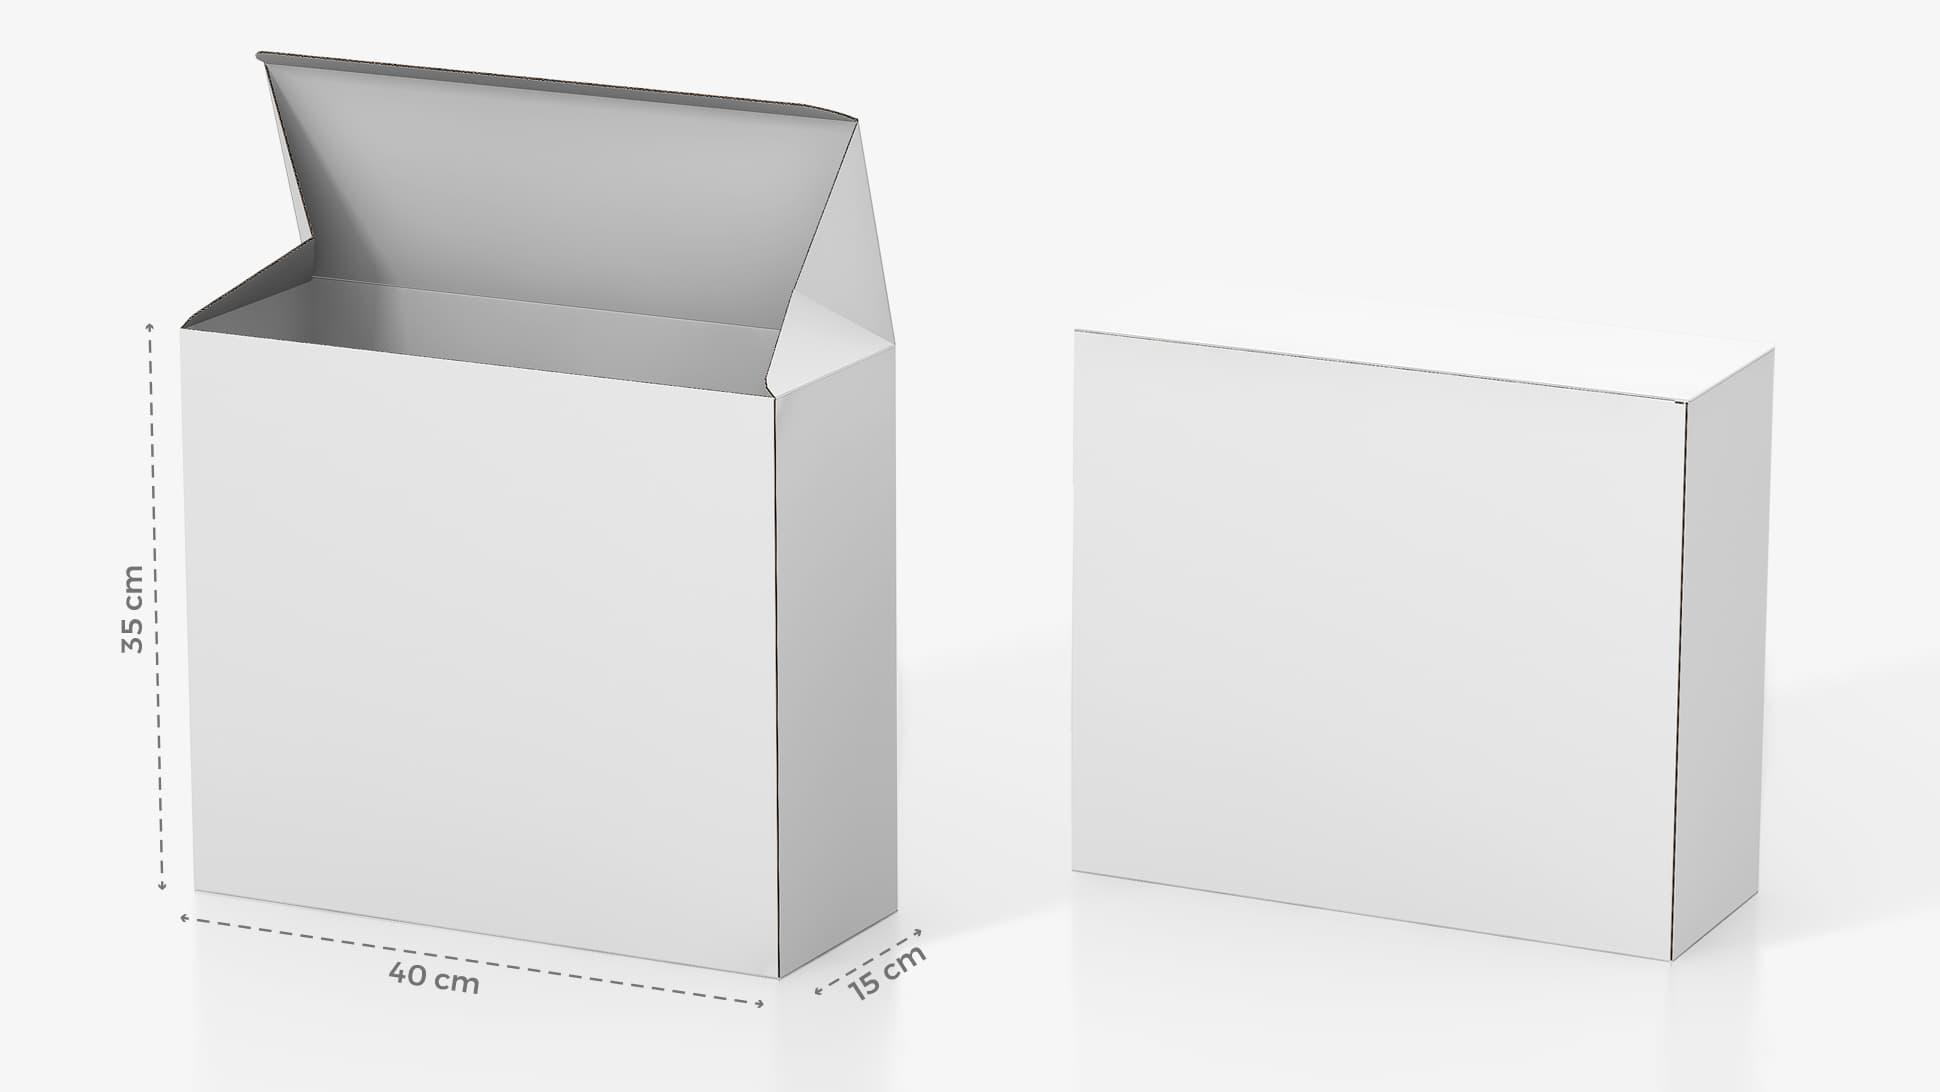 Scatola in cartone 35x40 cm personalizzabile | tictac.it